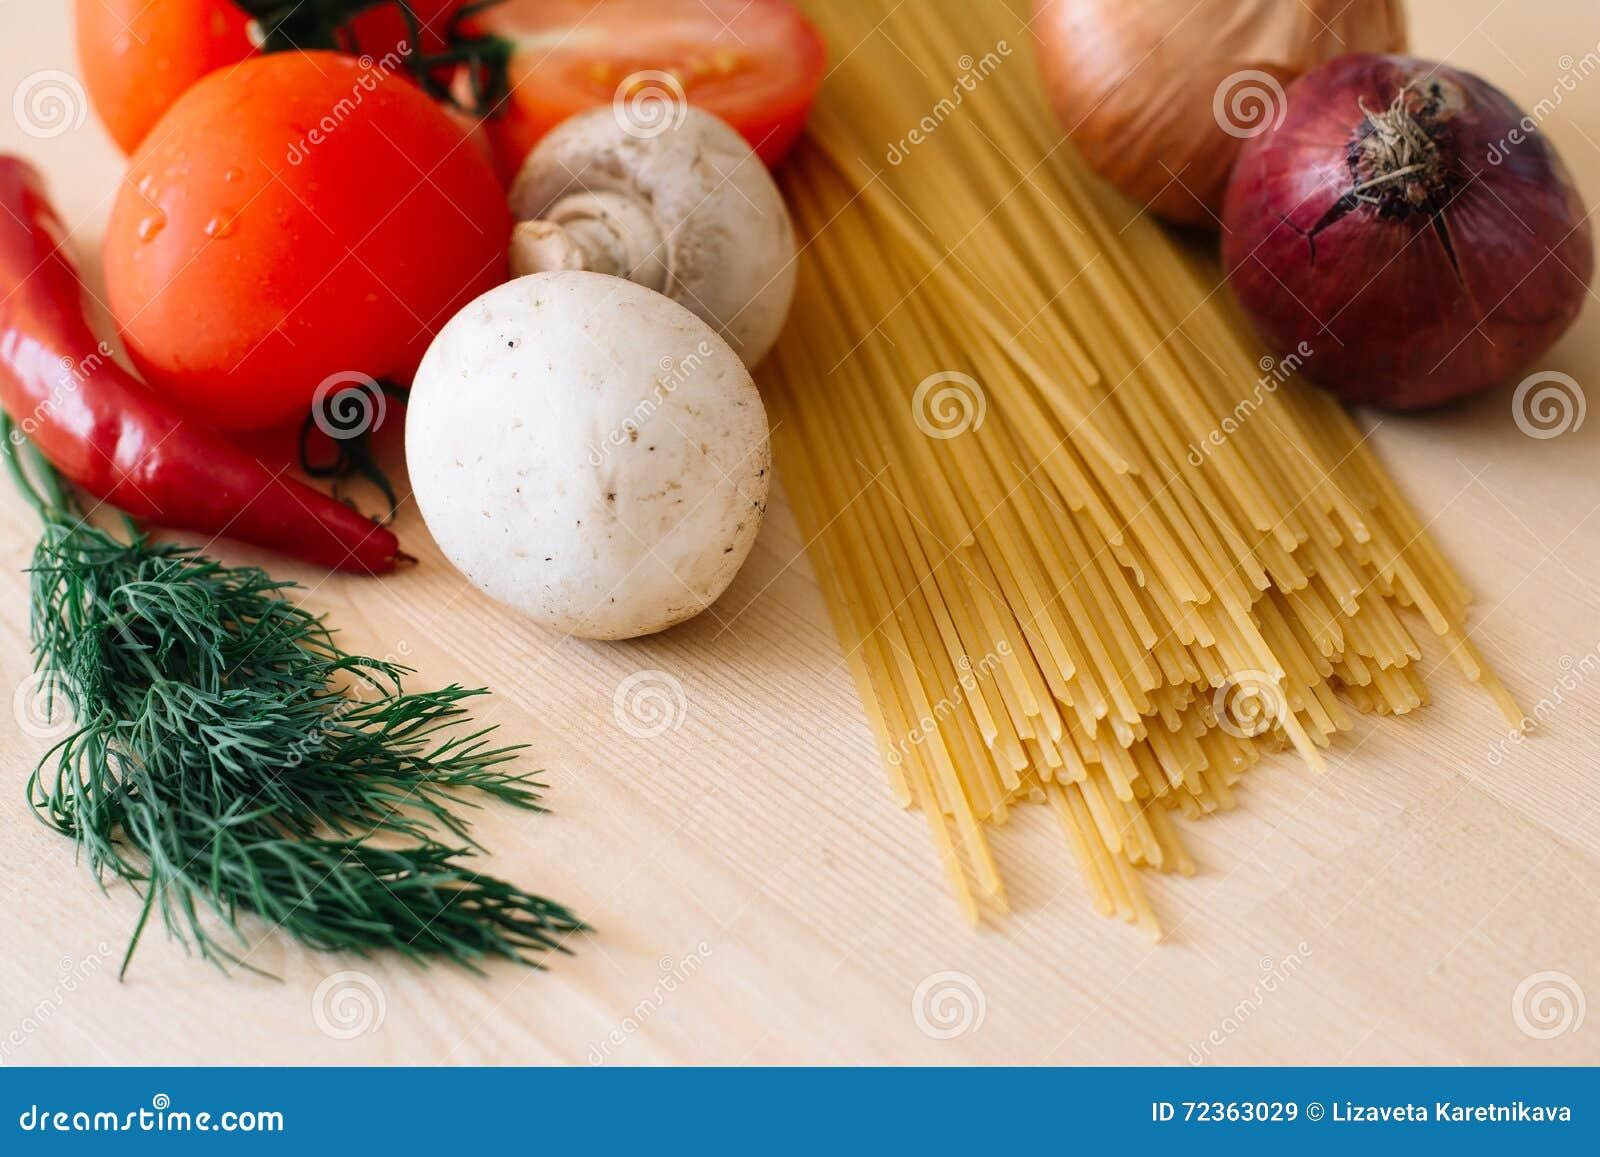 意大利面食和蔬菜